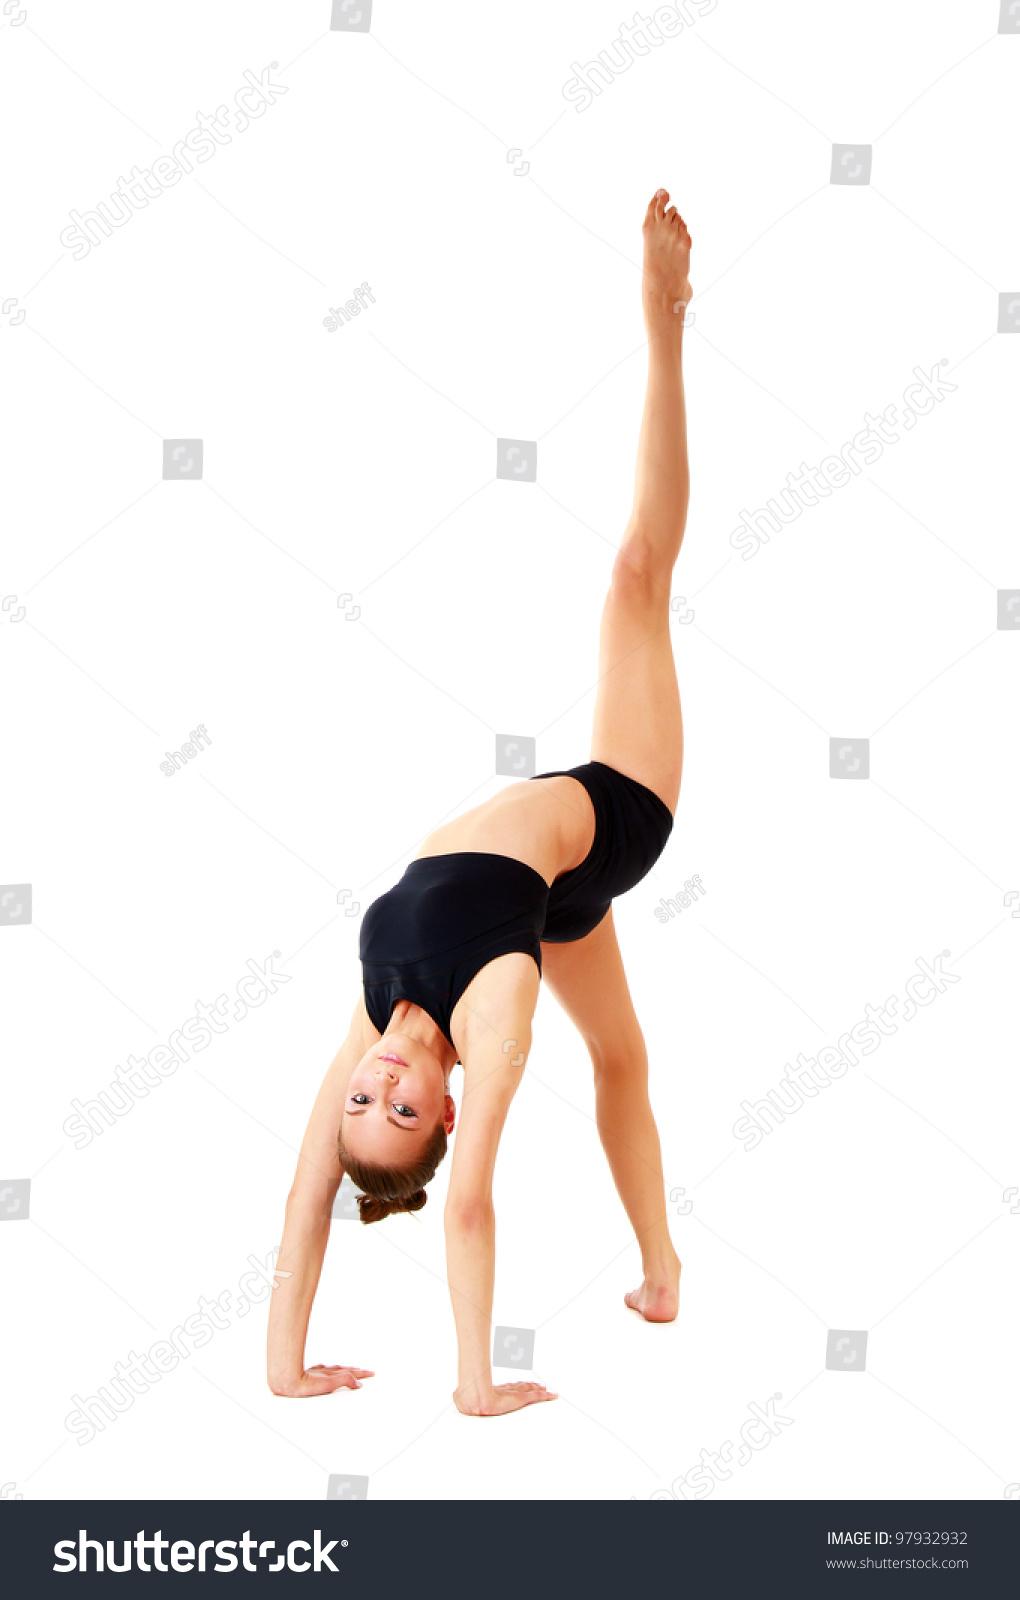 Flexible Gymnastic Pose 94